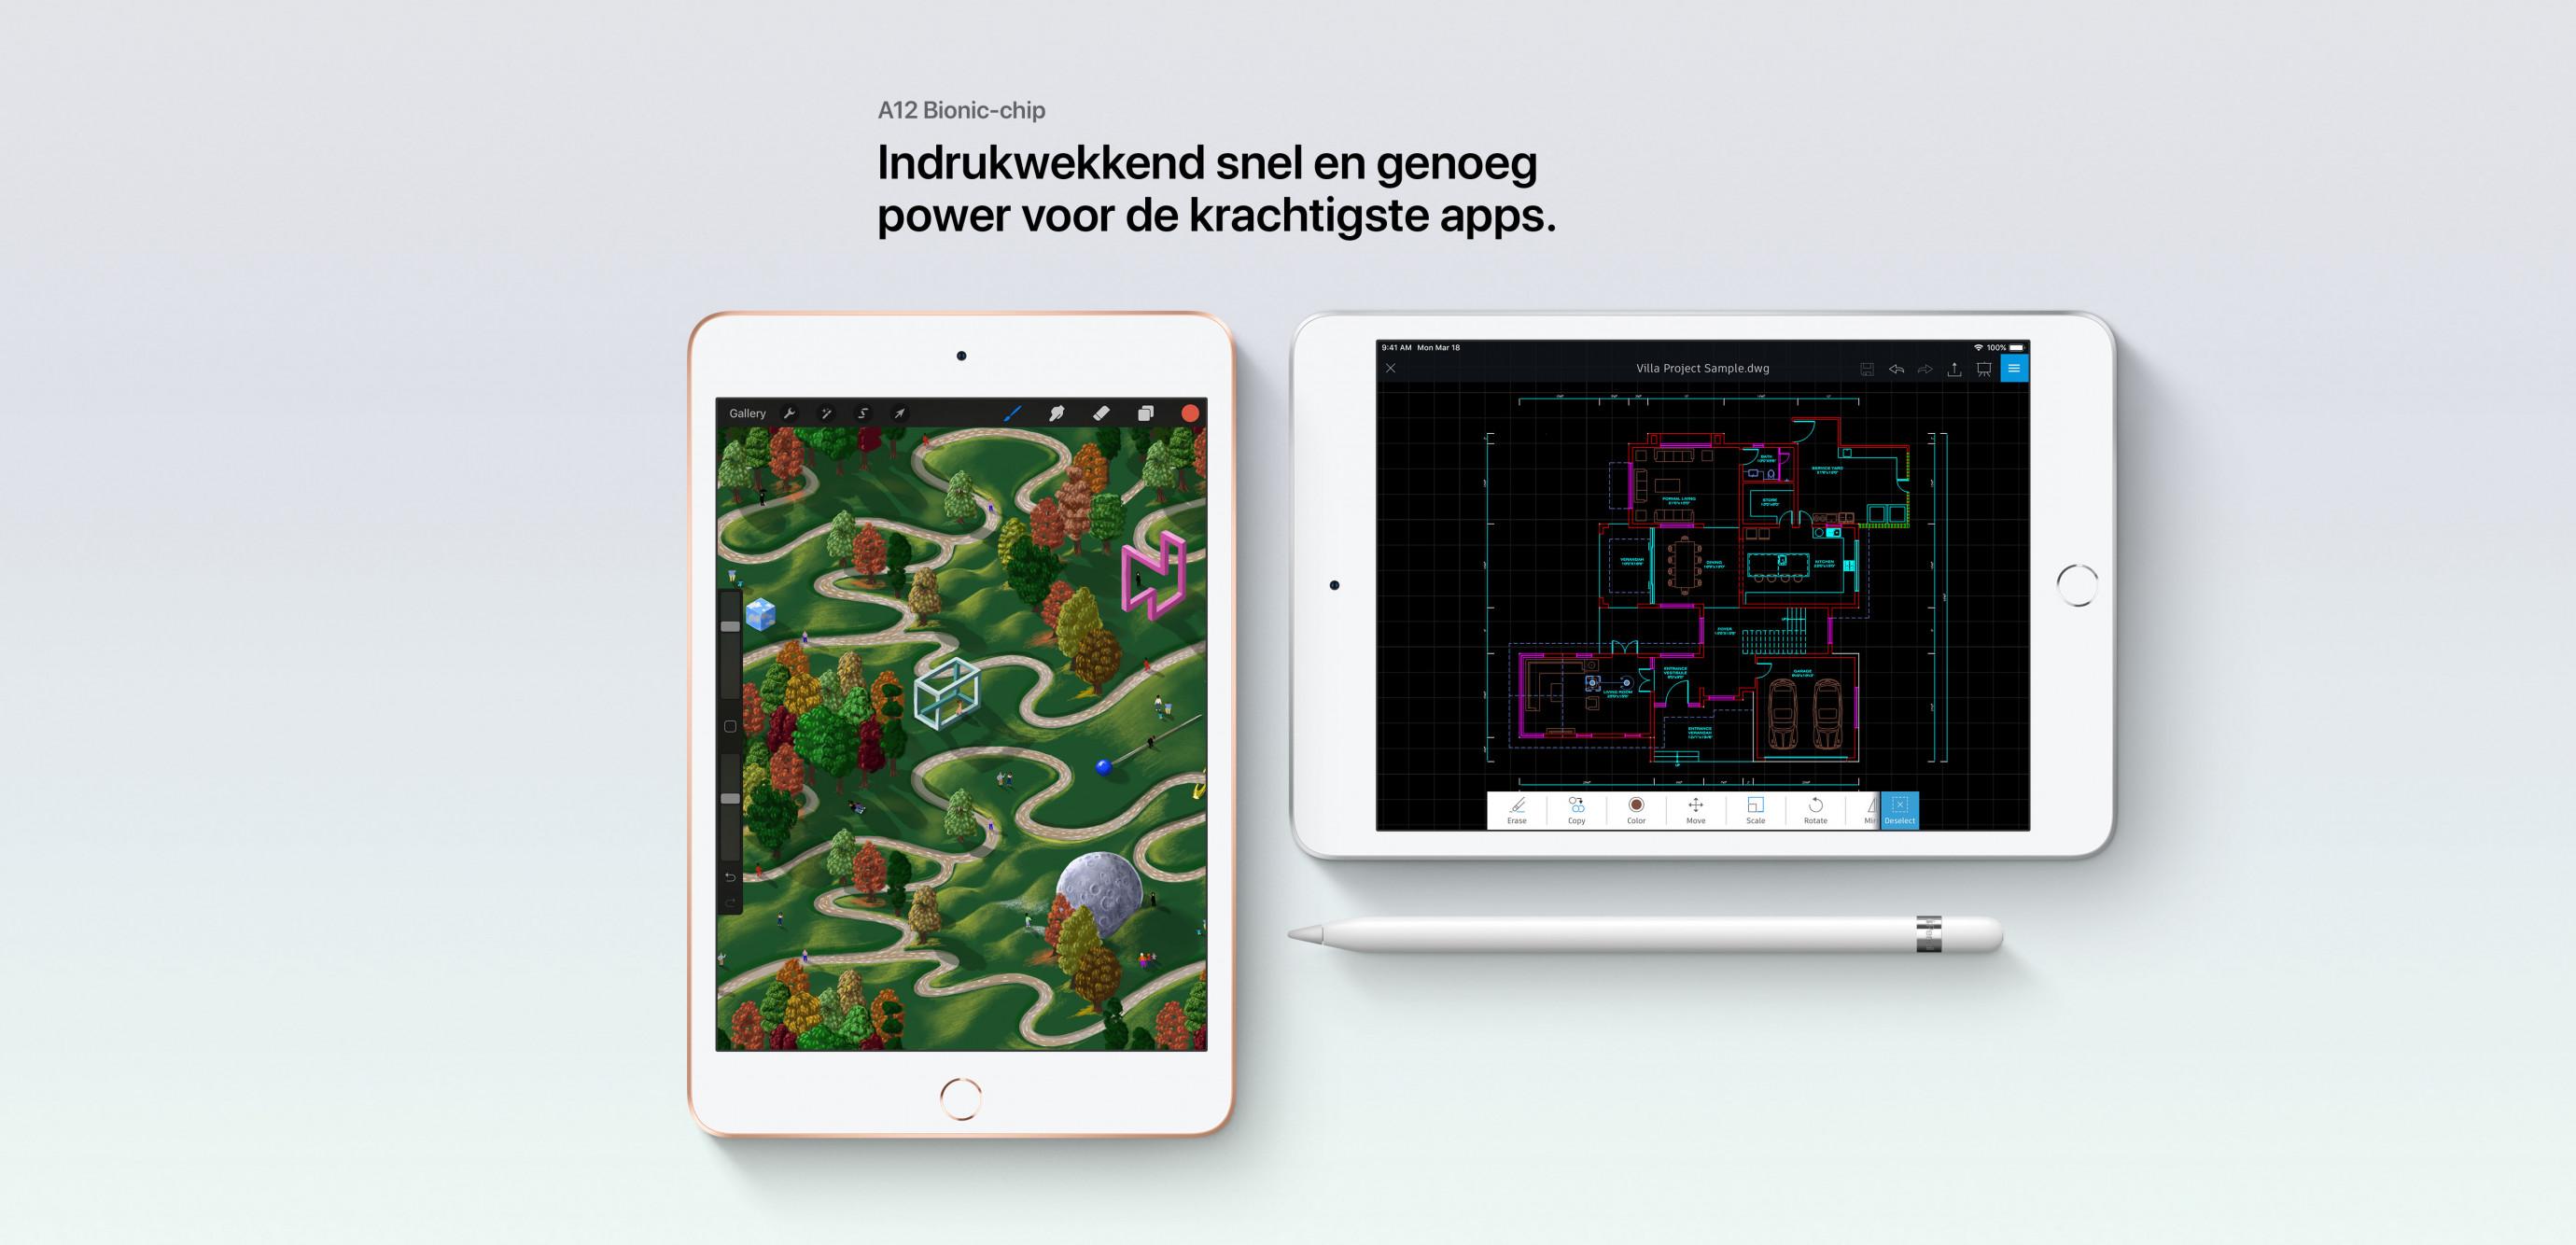 Productpage---iPad-Mini-2019-nl_06.jpg